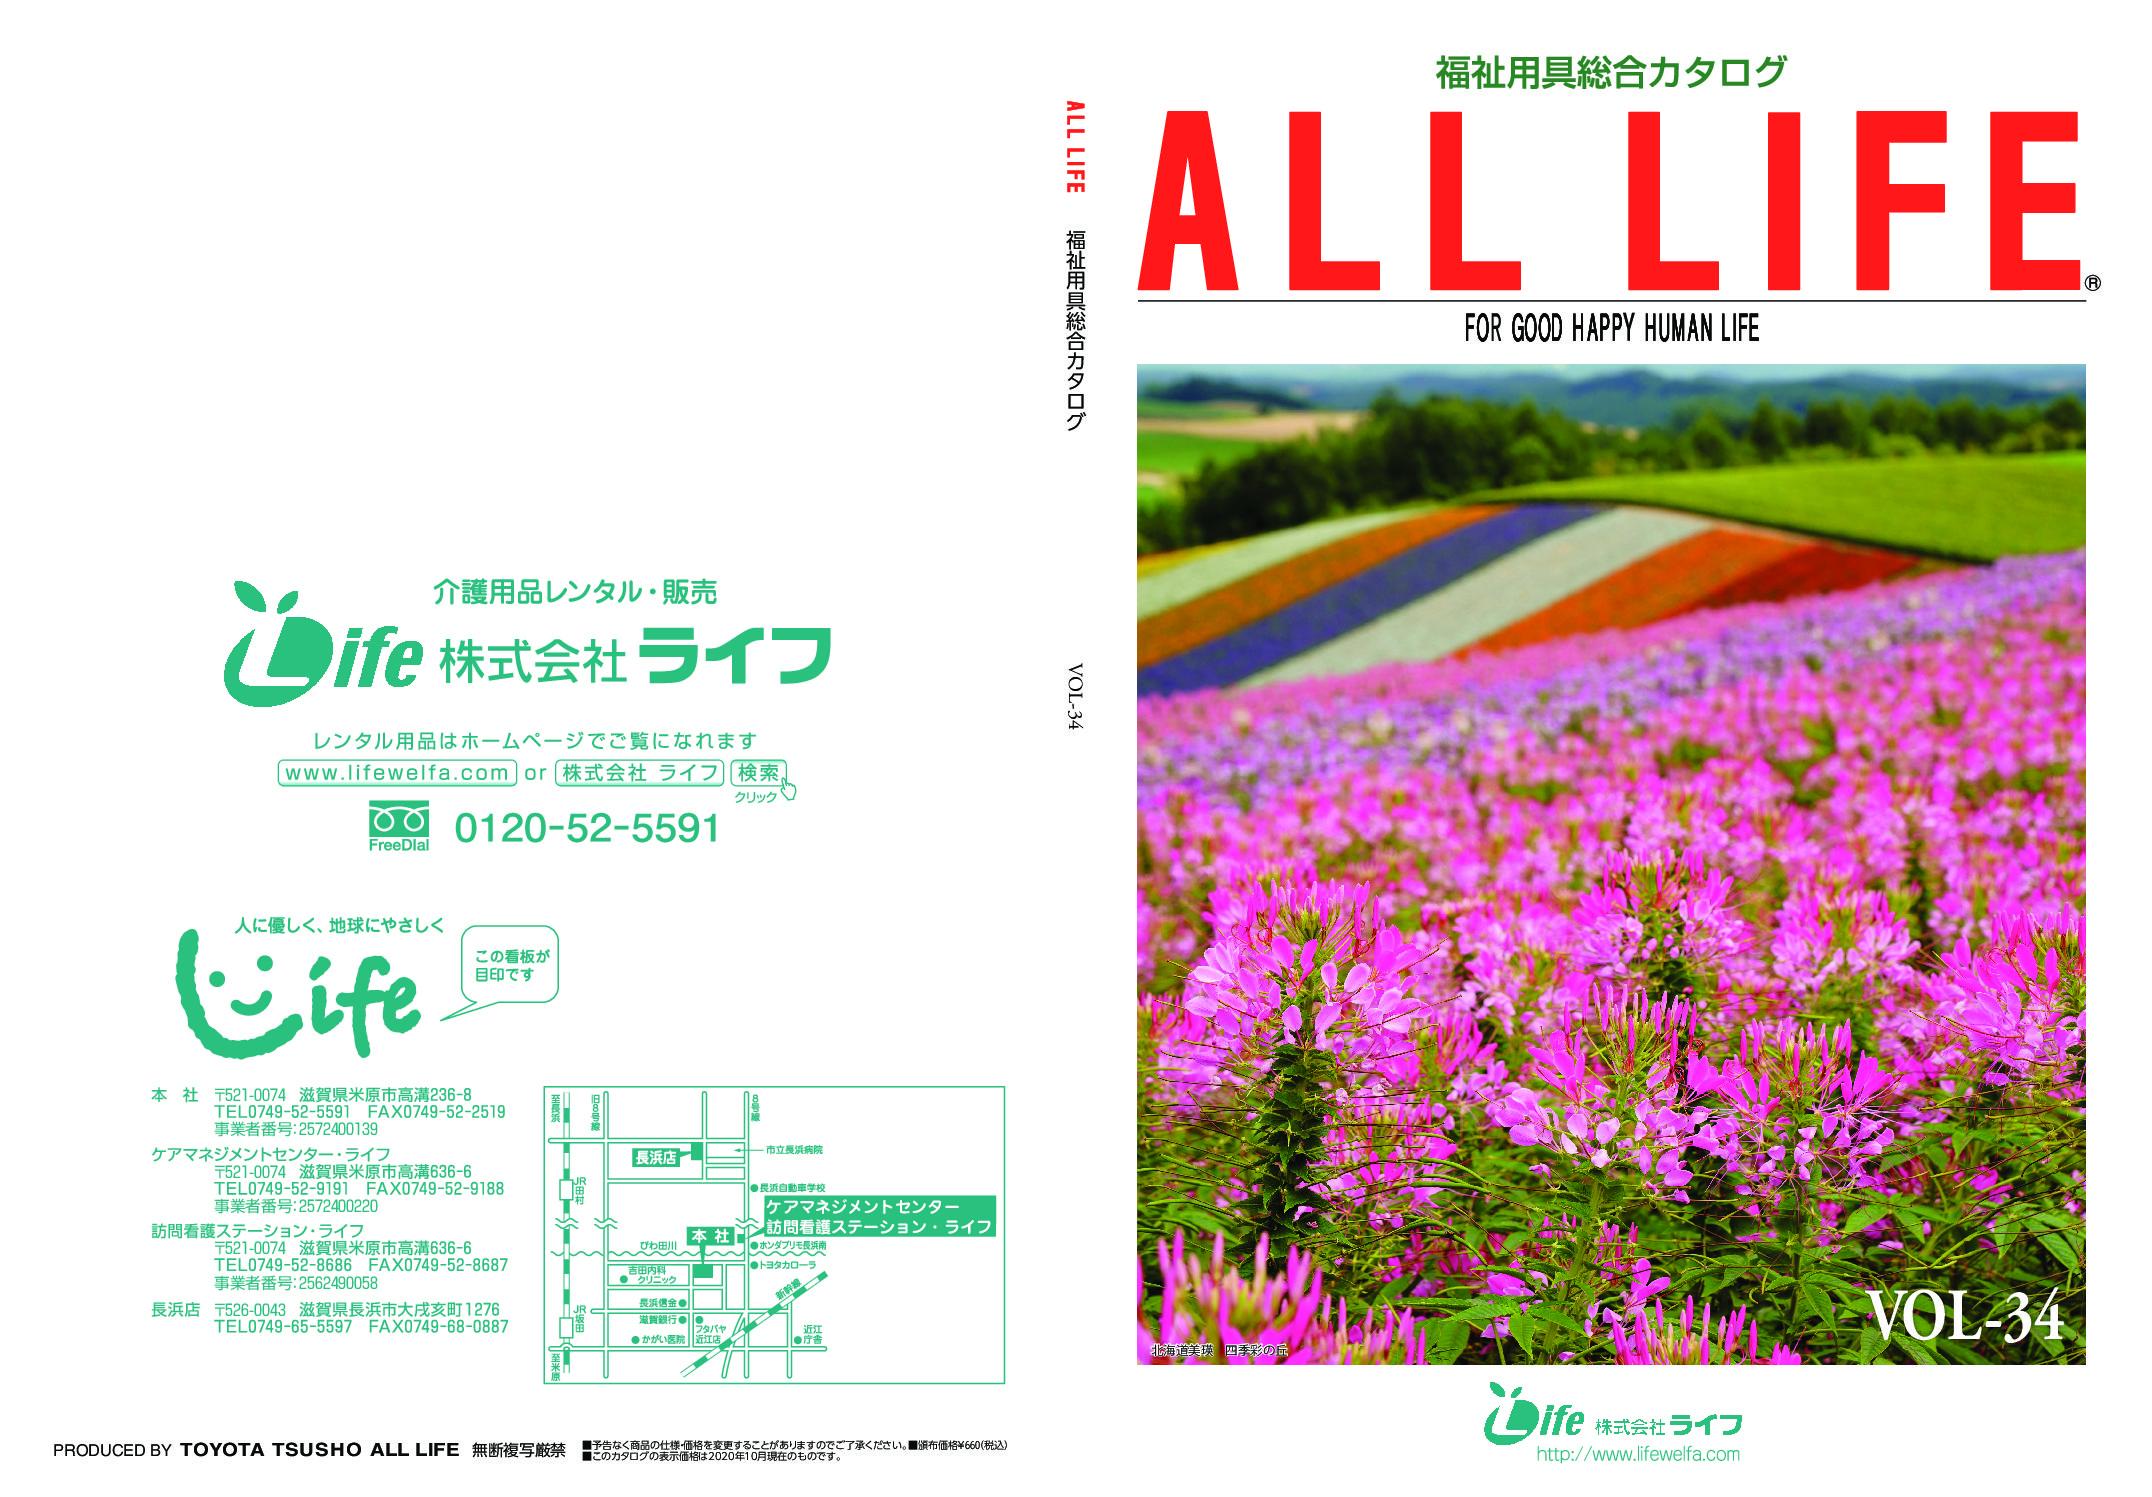 福祉用具販売総合カタログALL LIFE Vol.34